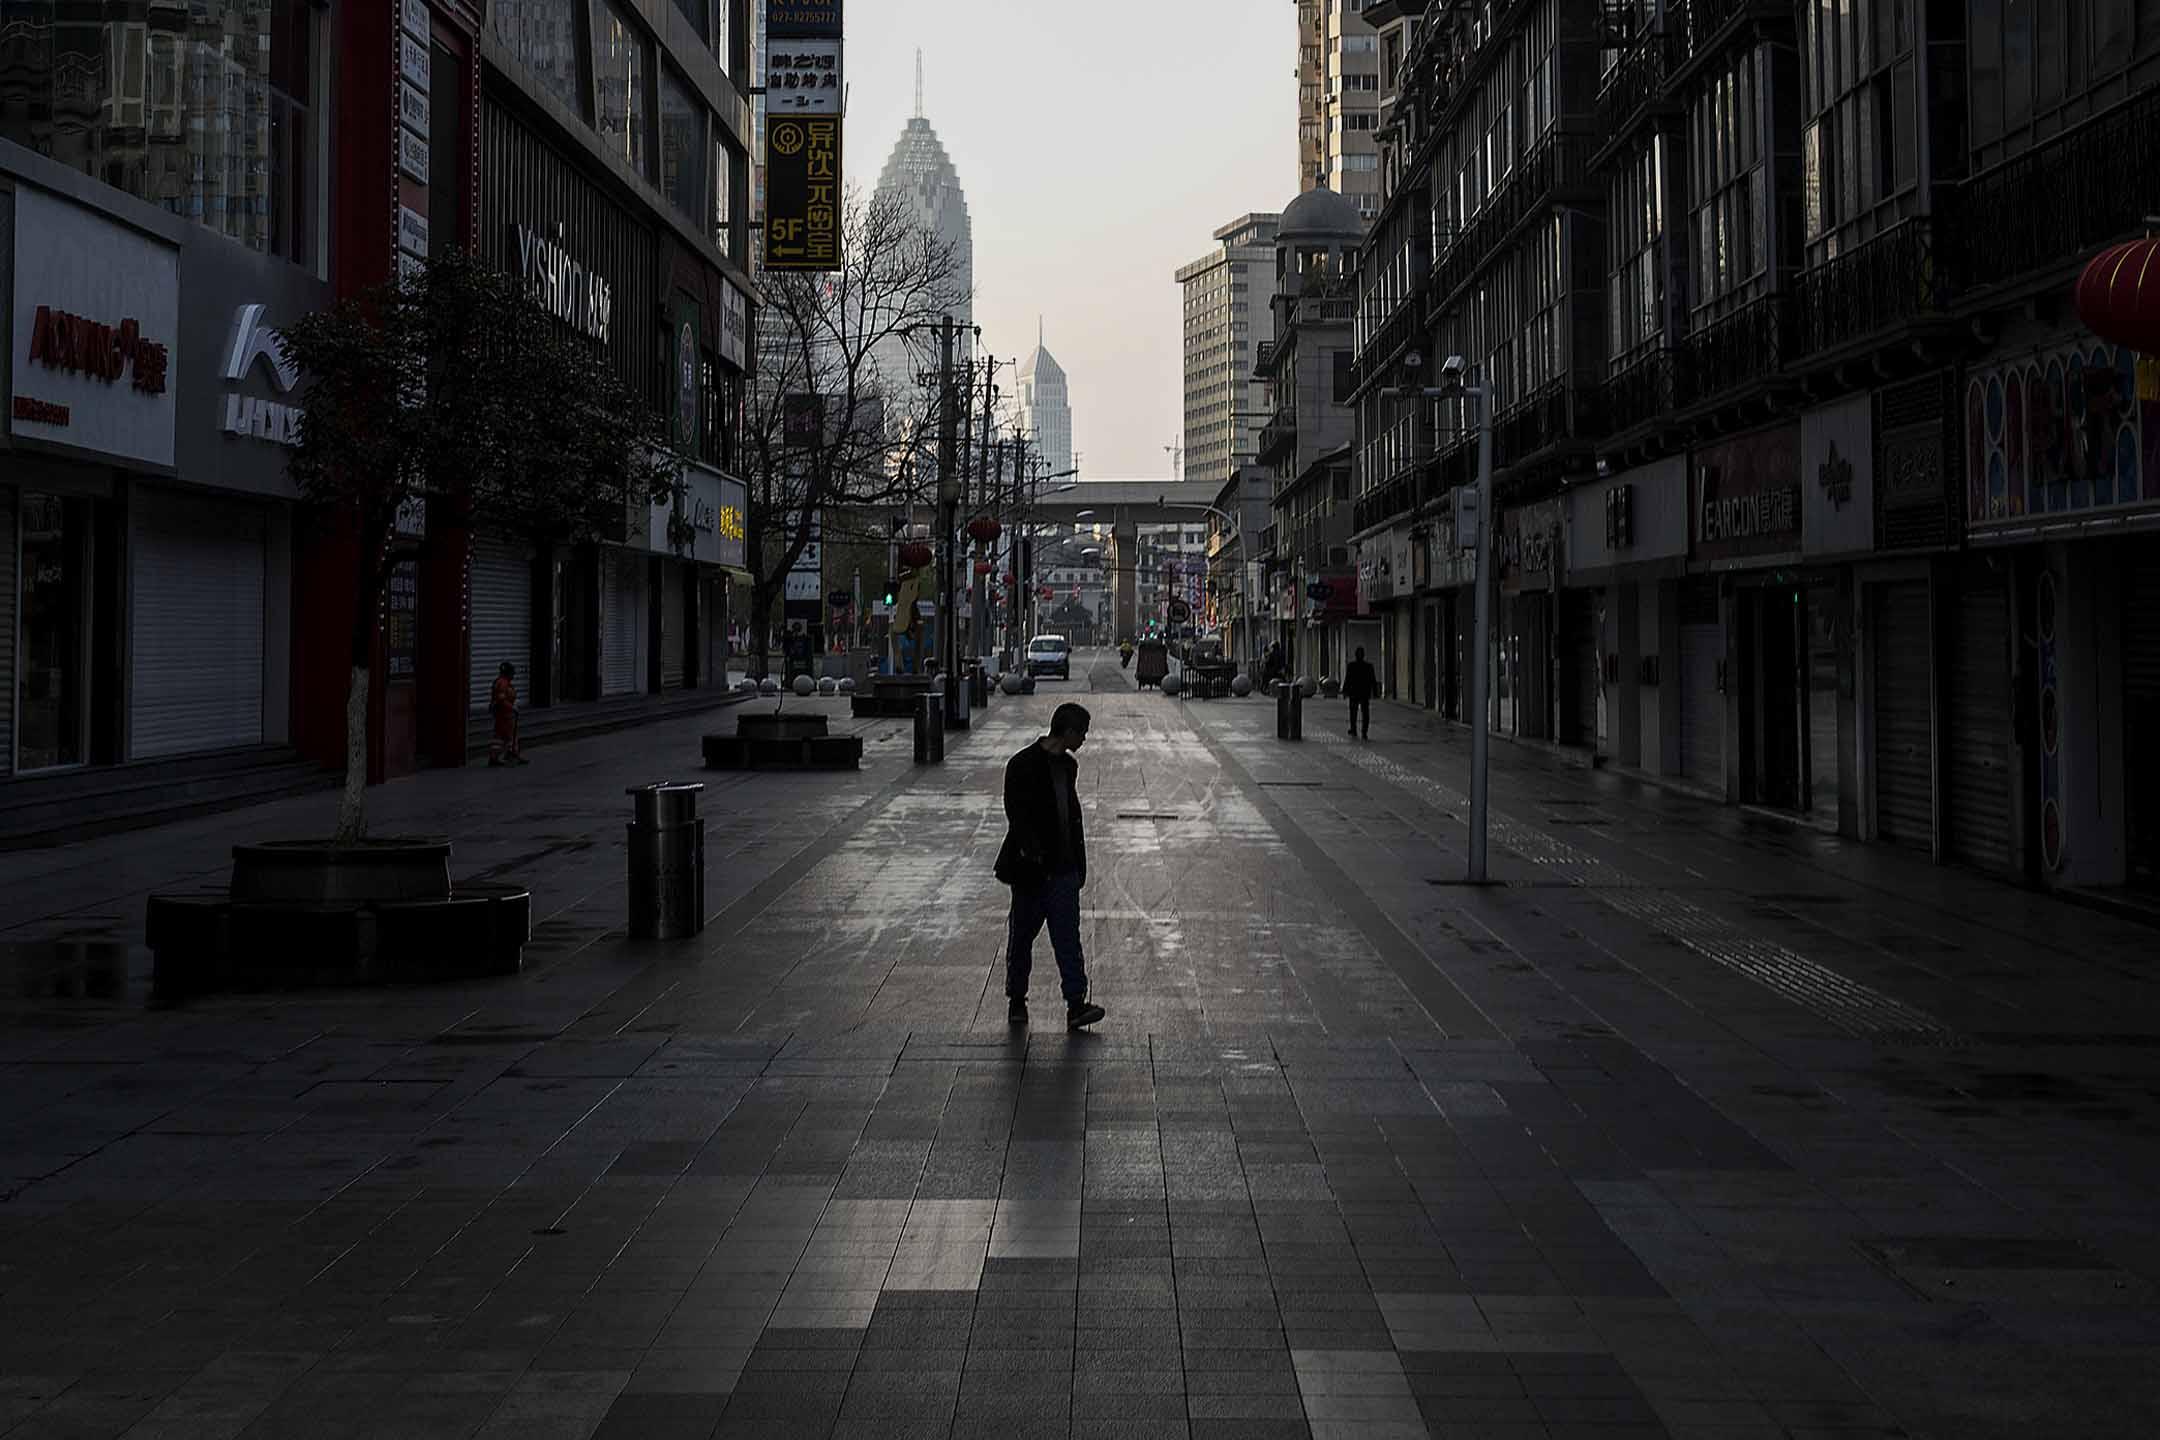 2020年2月13日,武漢一名路人在空蕩蕩的商店街上行走。 攝:Stringer/Getty Images